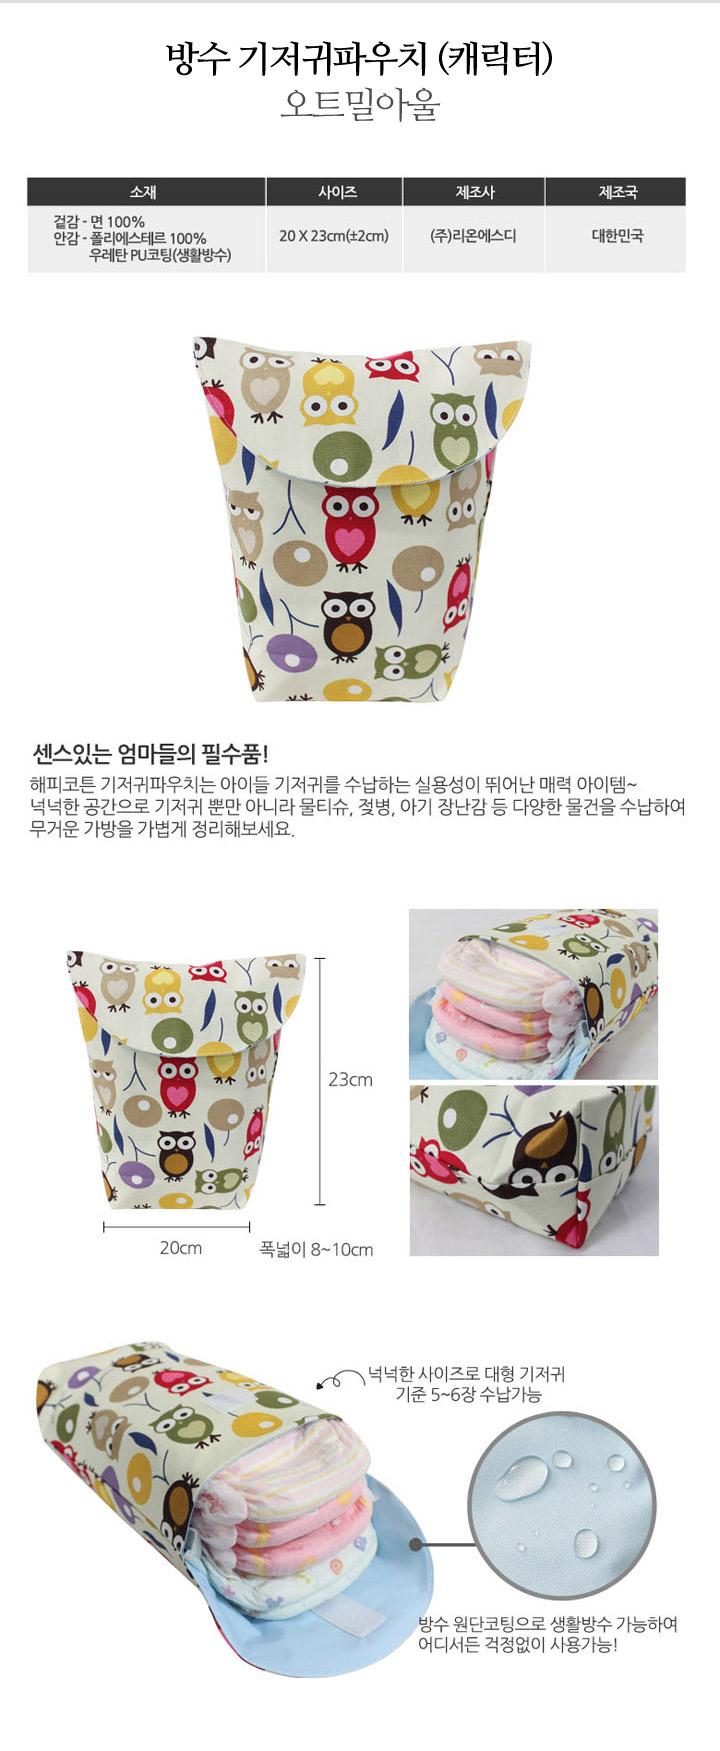 해피코튼 방수 캐릭터 기저귀파우치 - 해피코튼, 9,900원, 파우치/보조가방, 파우치